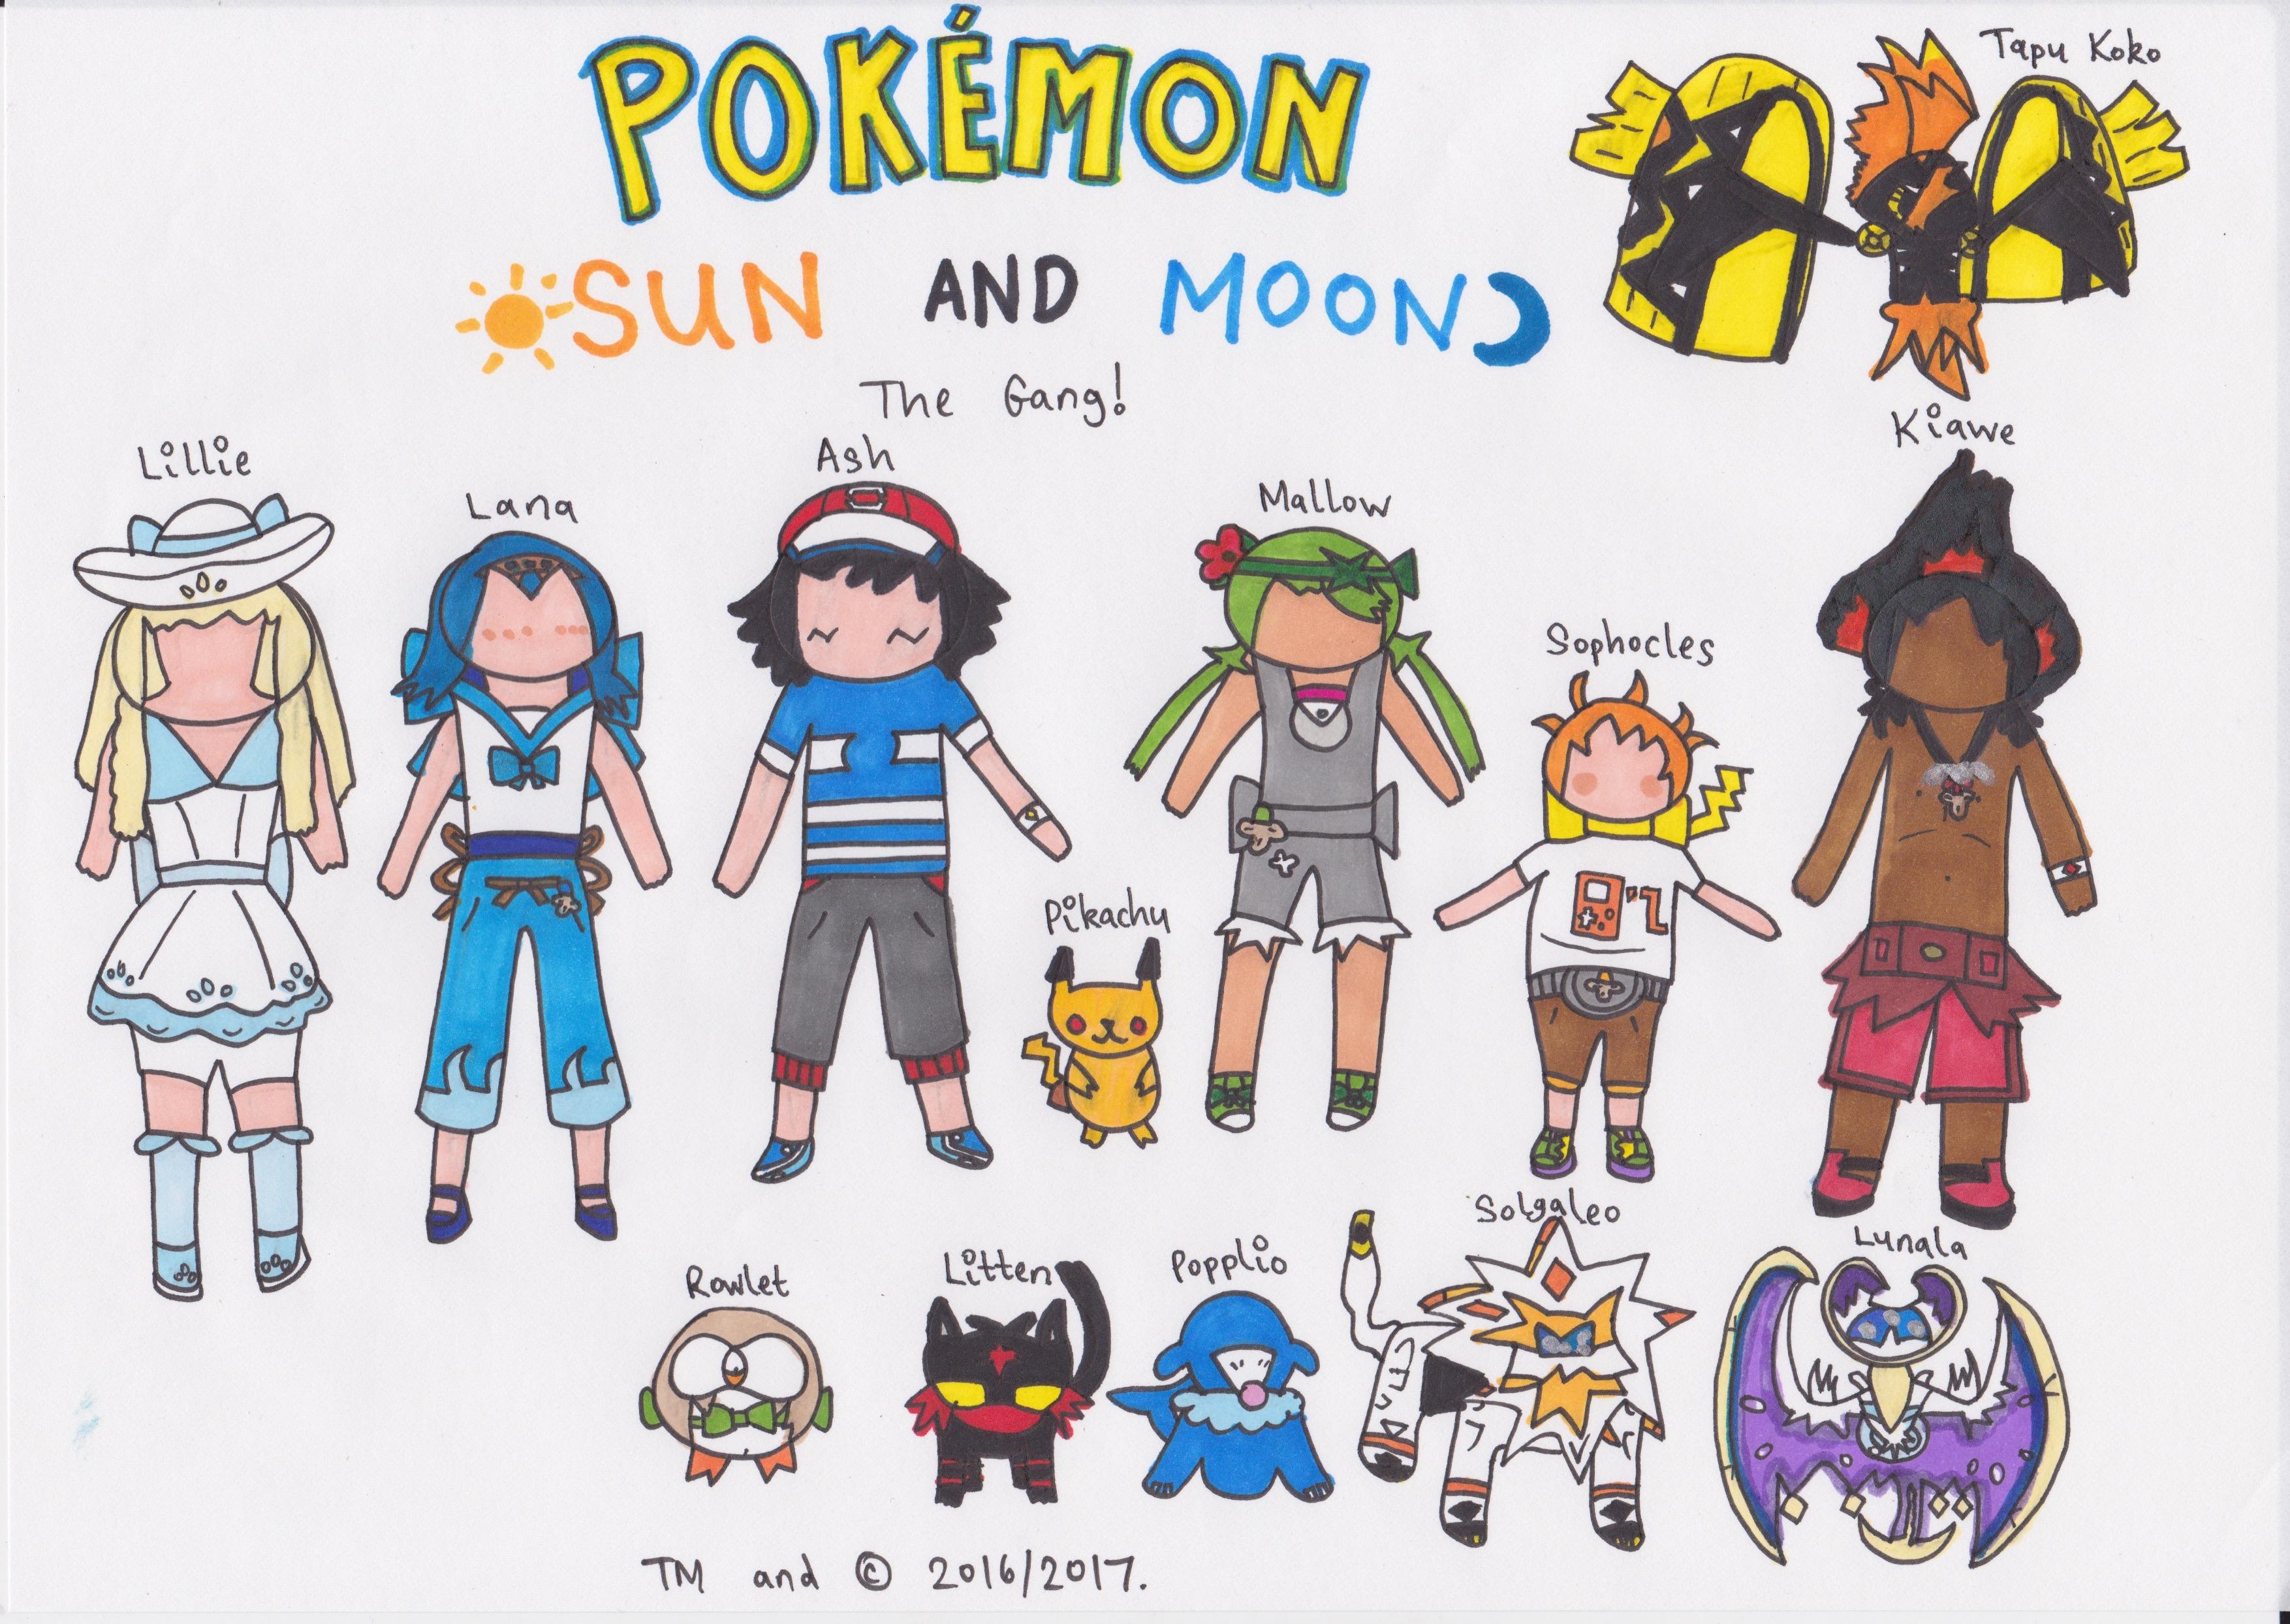 Pokemon Sun + Moon - The Gang by SurfingTheSeaWorld on DeviantArt